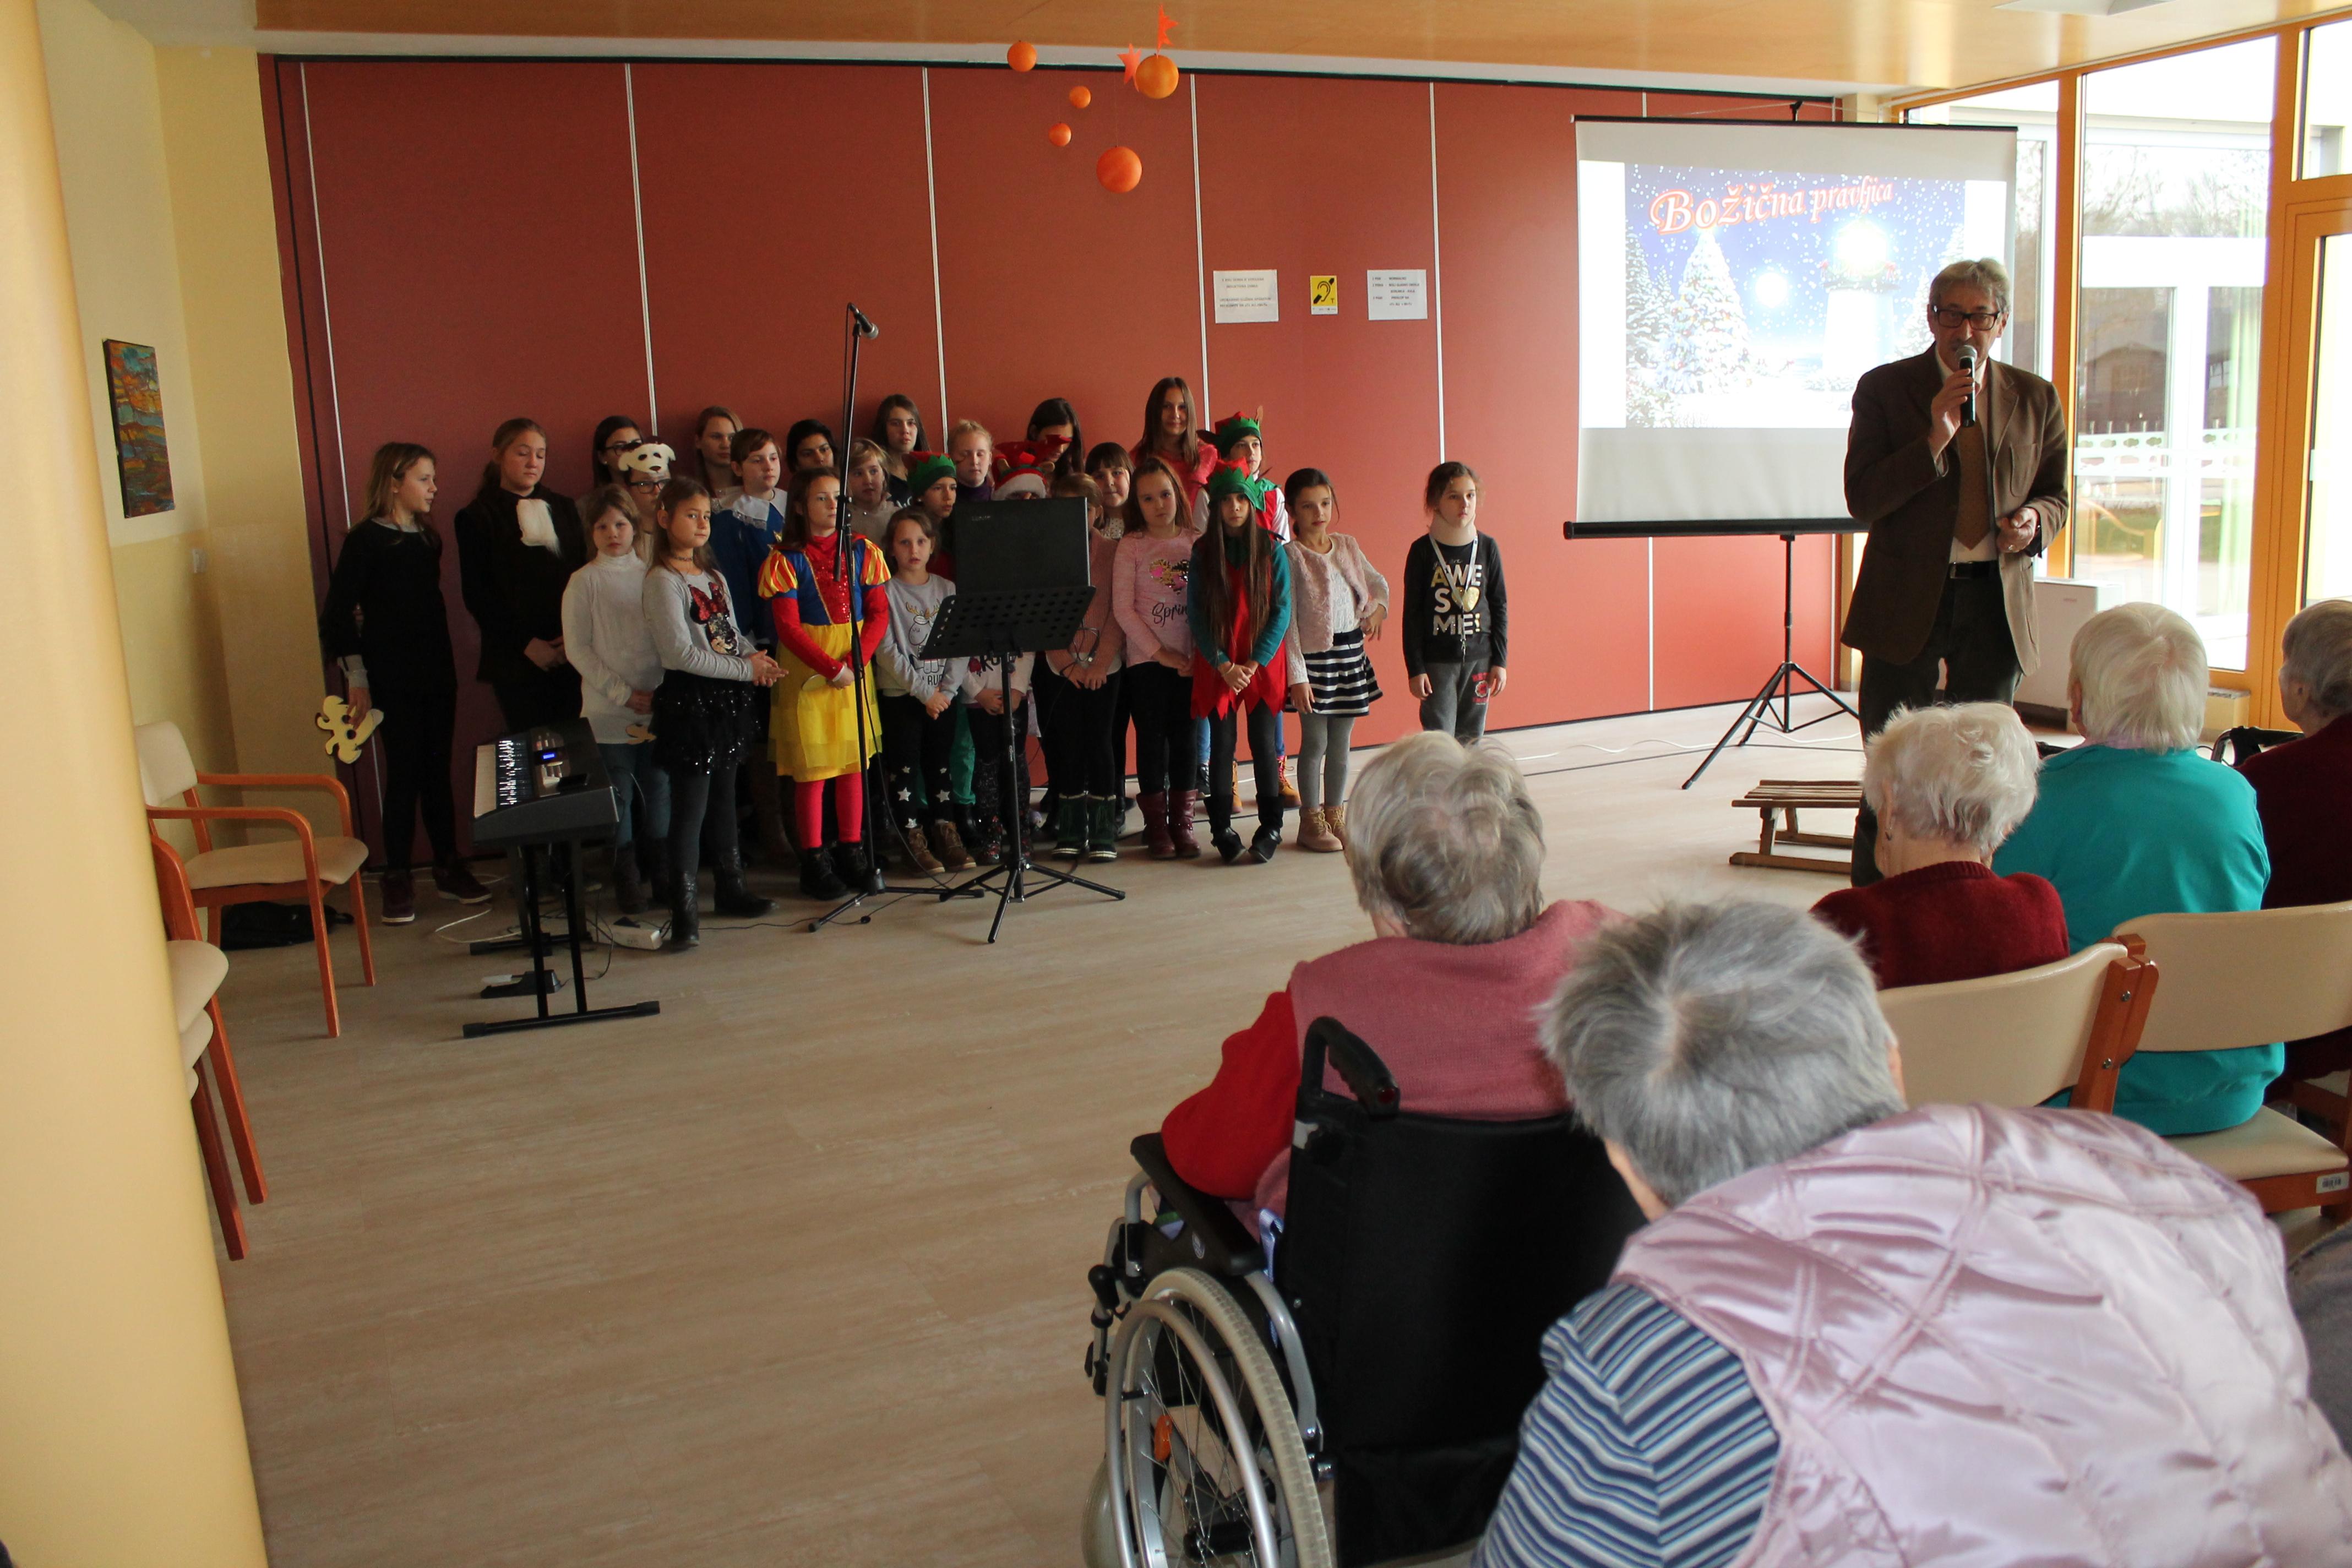 Predstava učencev in učenk OŠ dr. Antona Trstenjaka Negova